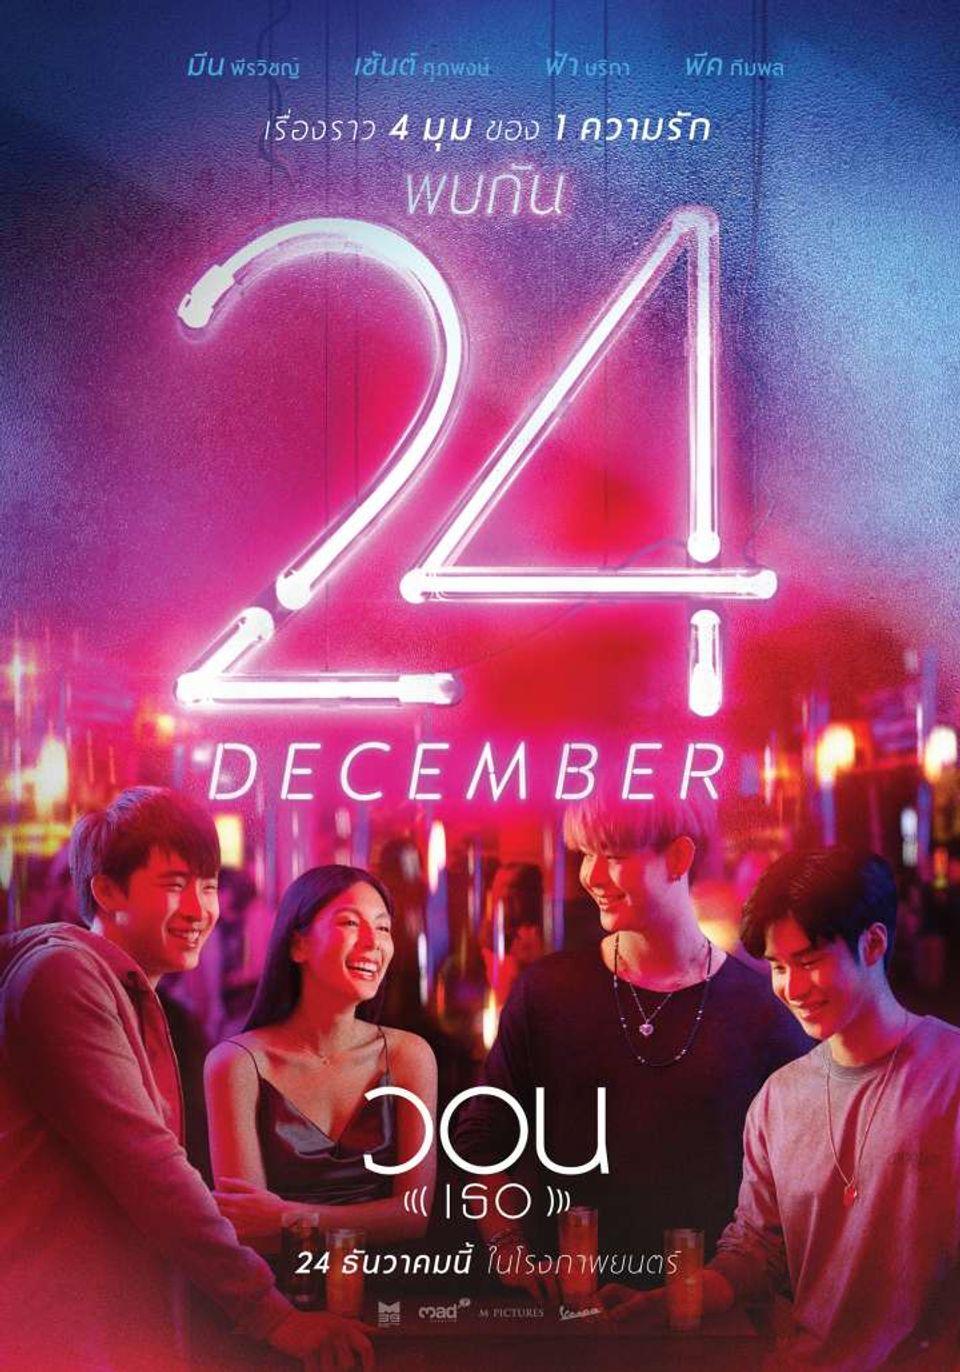 วอน (เธอ) เผยตัวอย่างฉบับเต็มกับ ภาพยนตร์รักของวัยรุ่น 4 มุมมองของคน 4 คน 24 ธันวาคมนี้ ในโรงภาพยนตร์